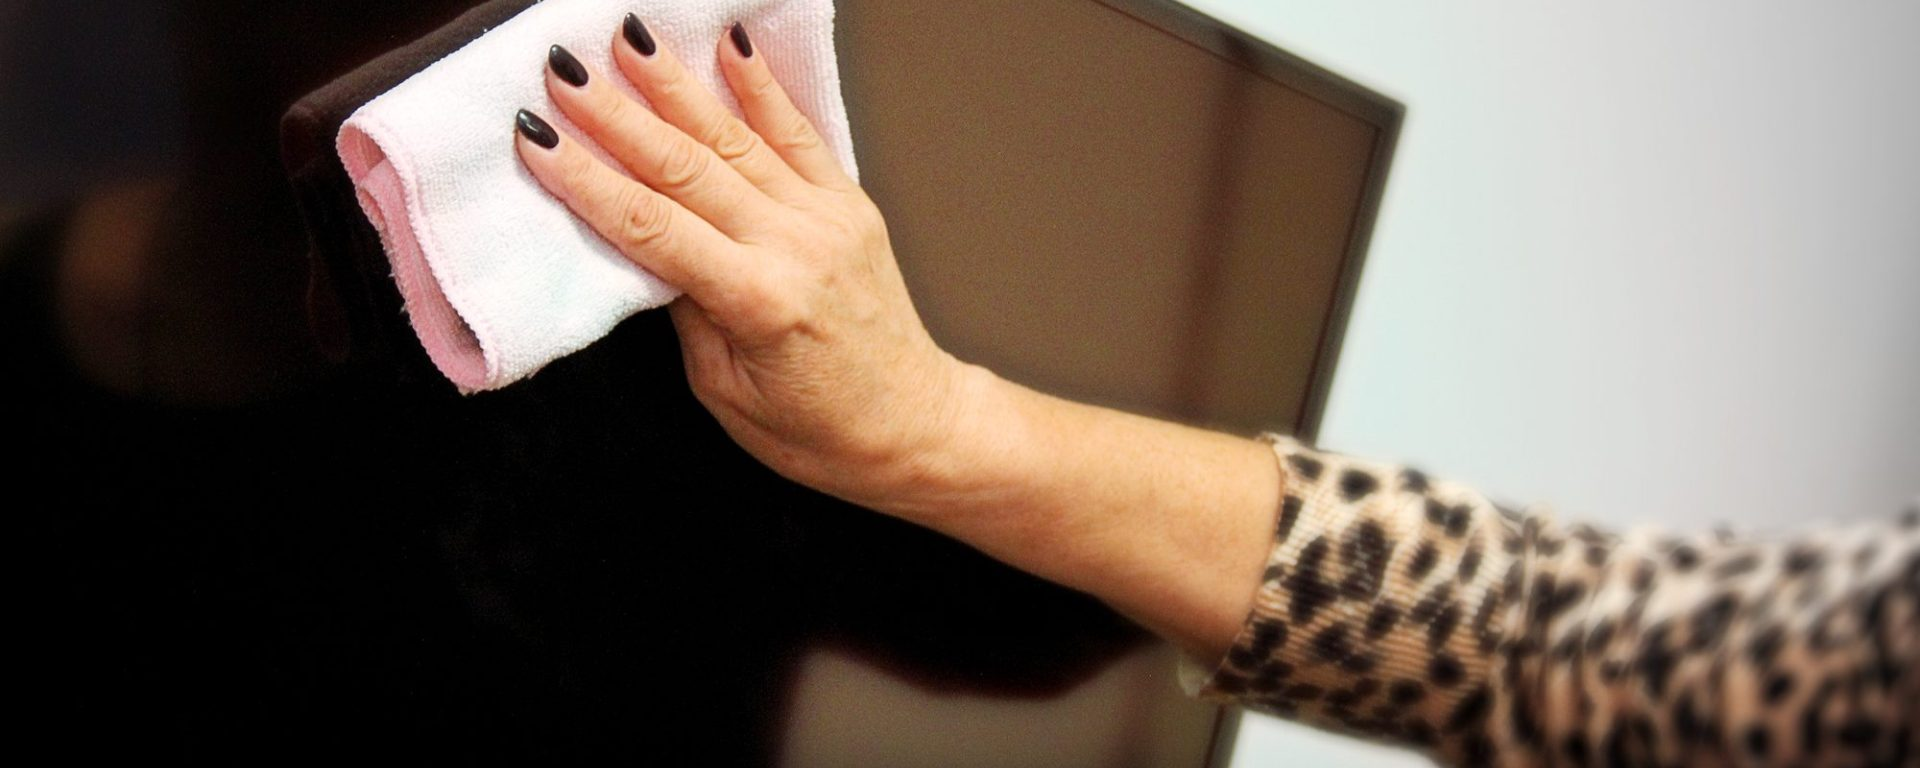 Come pulire lo schermo della TV (senza danneggiarlo)